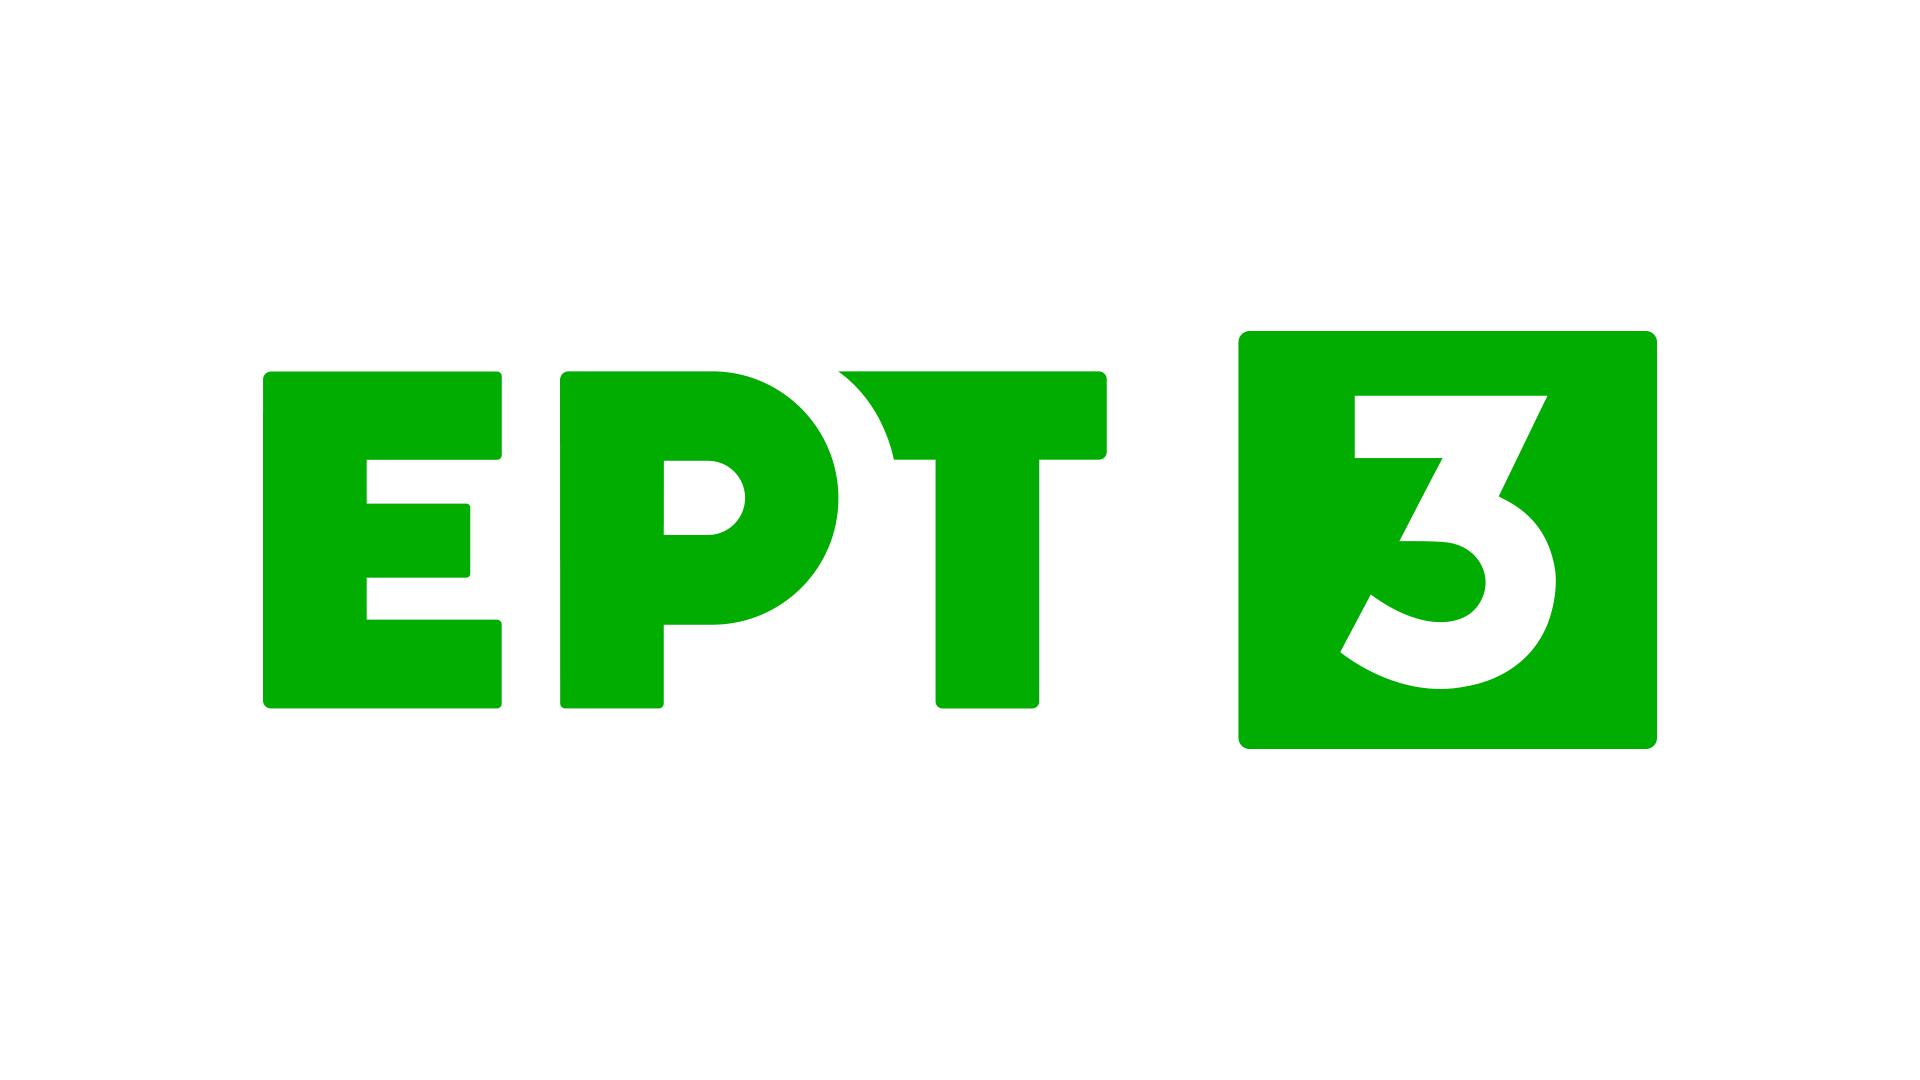 Η ΕΡΤ3 συντονίζεται στον δεύτερο γύρο του πρωταθλήματος  της Super League 2